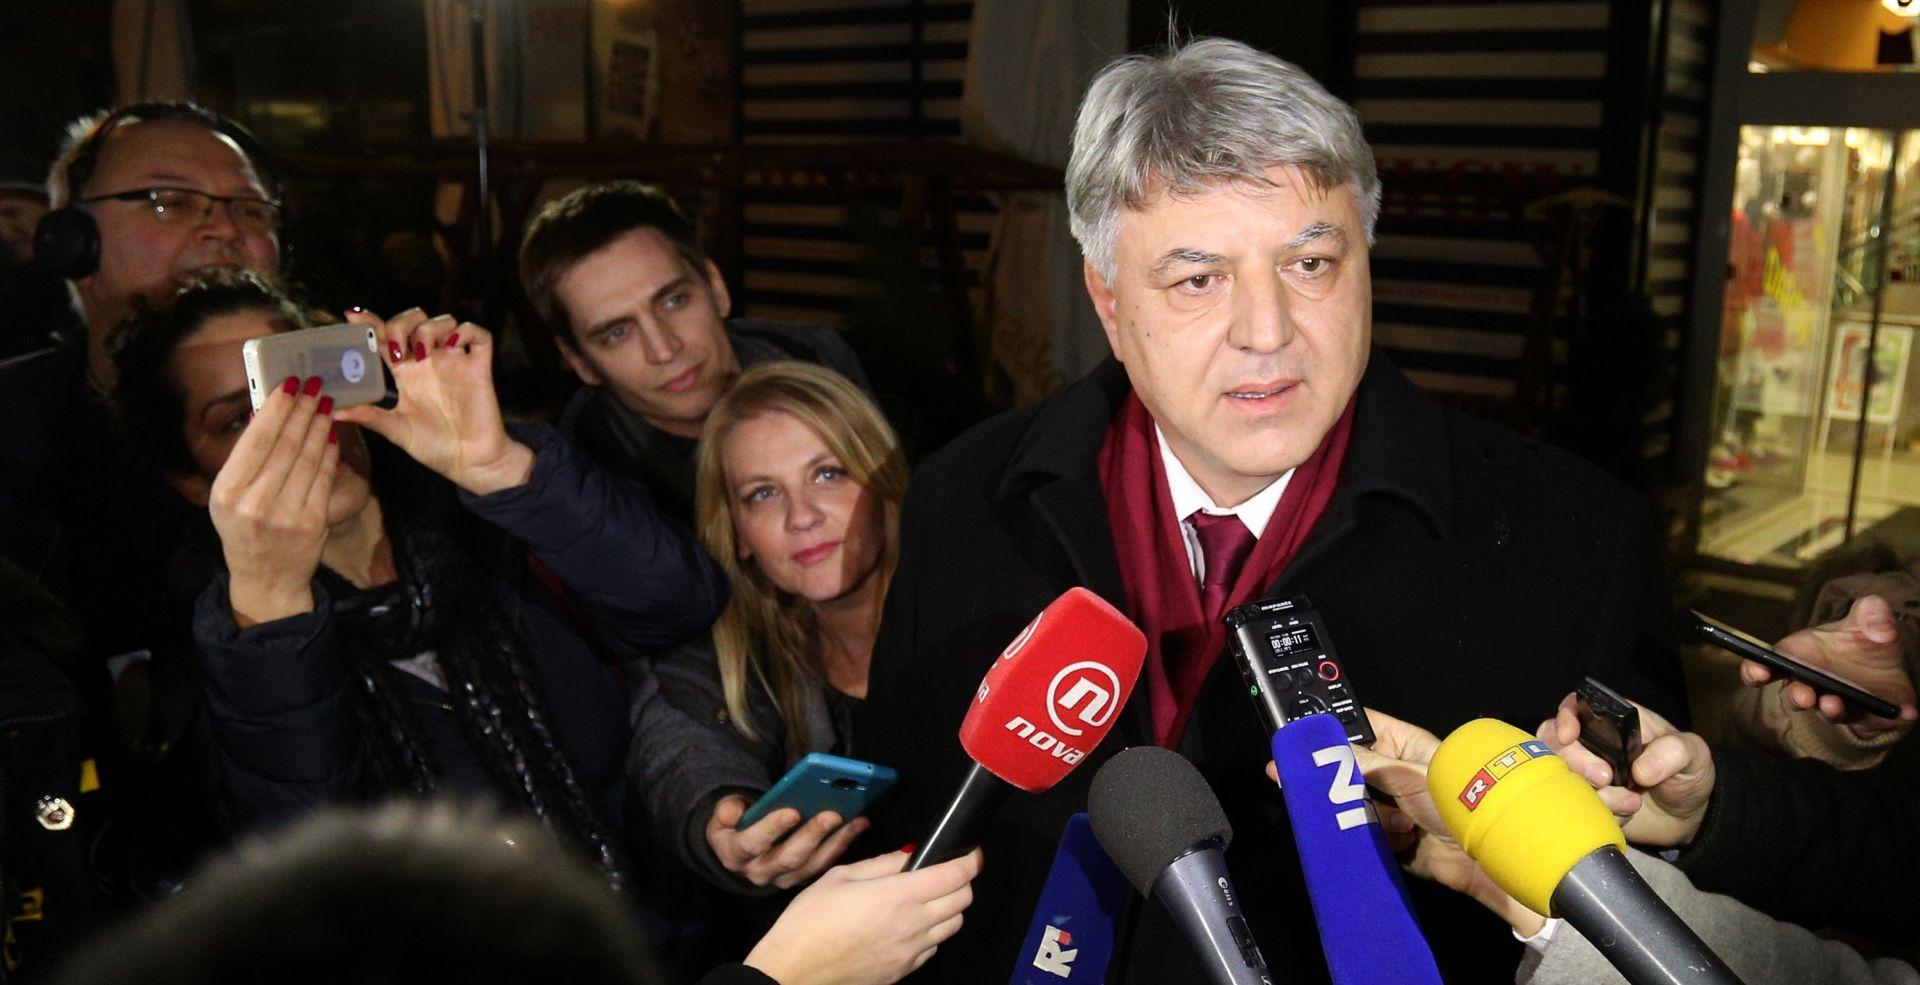 Izbori za predsjednika SDP-a 12. ožujka, Komadina potvrdio kandidaturu